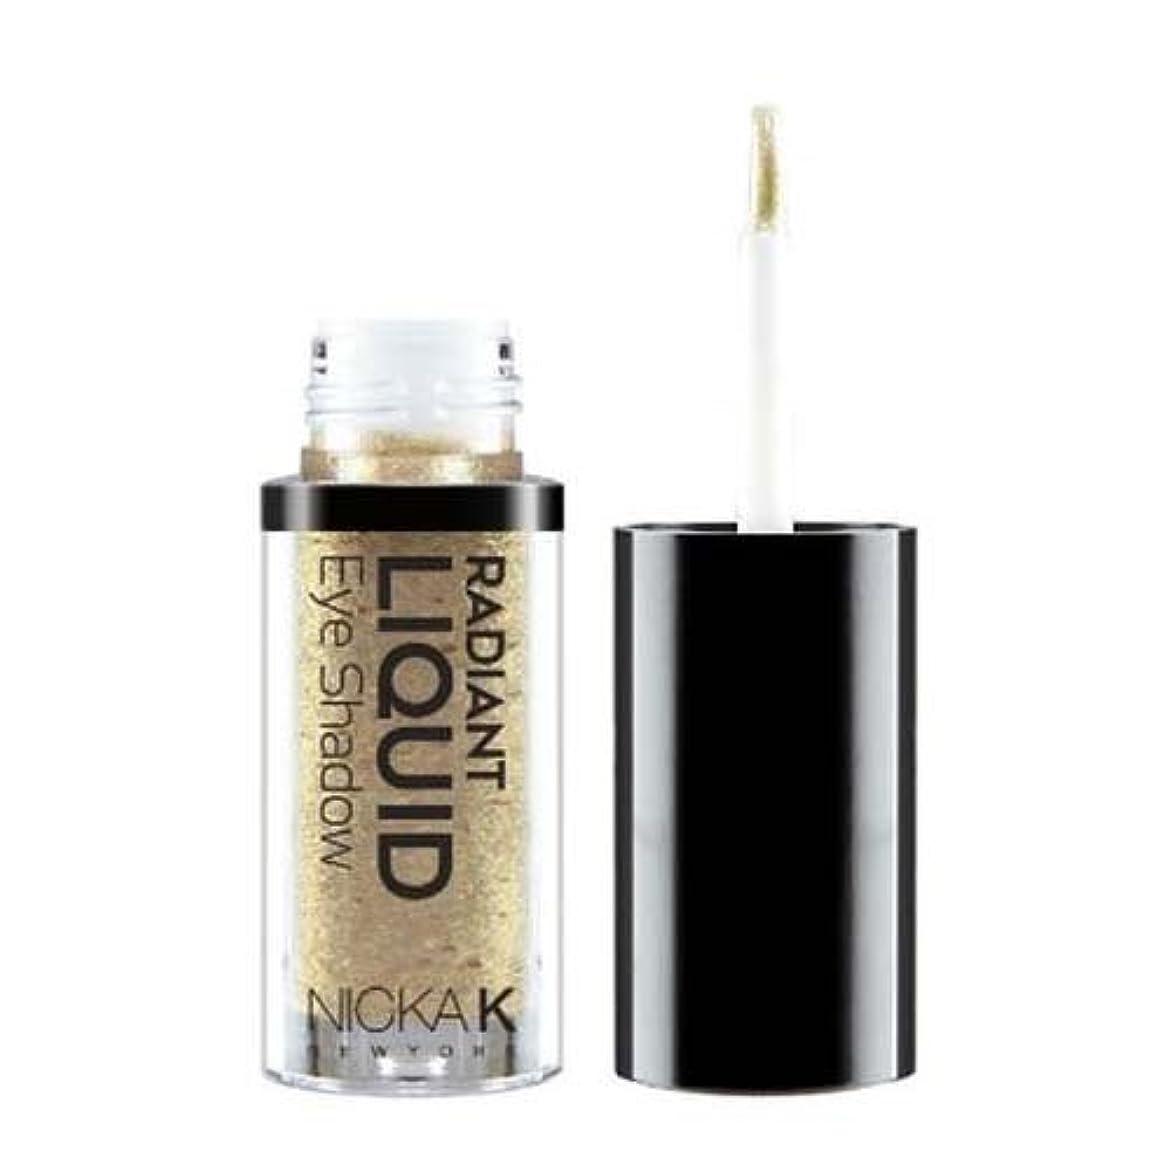 背が高い褒賞流用する(6 Pack) NICKA K Radiant Liquid Eye Shadow - Ochroid Titan (並行輸入品)